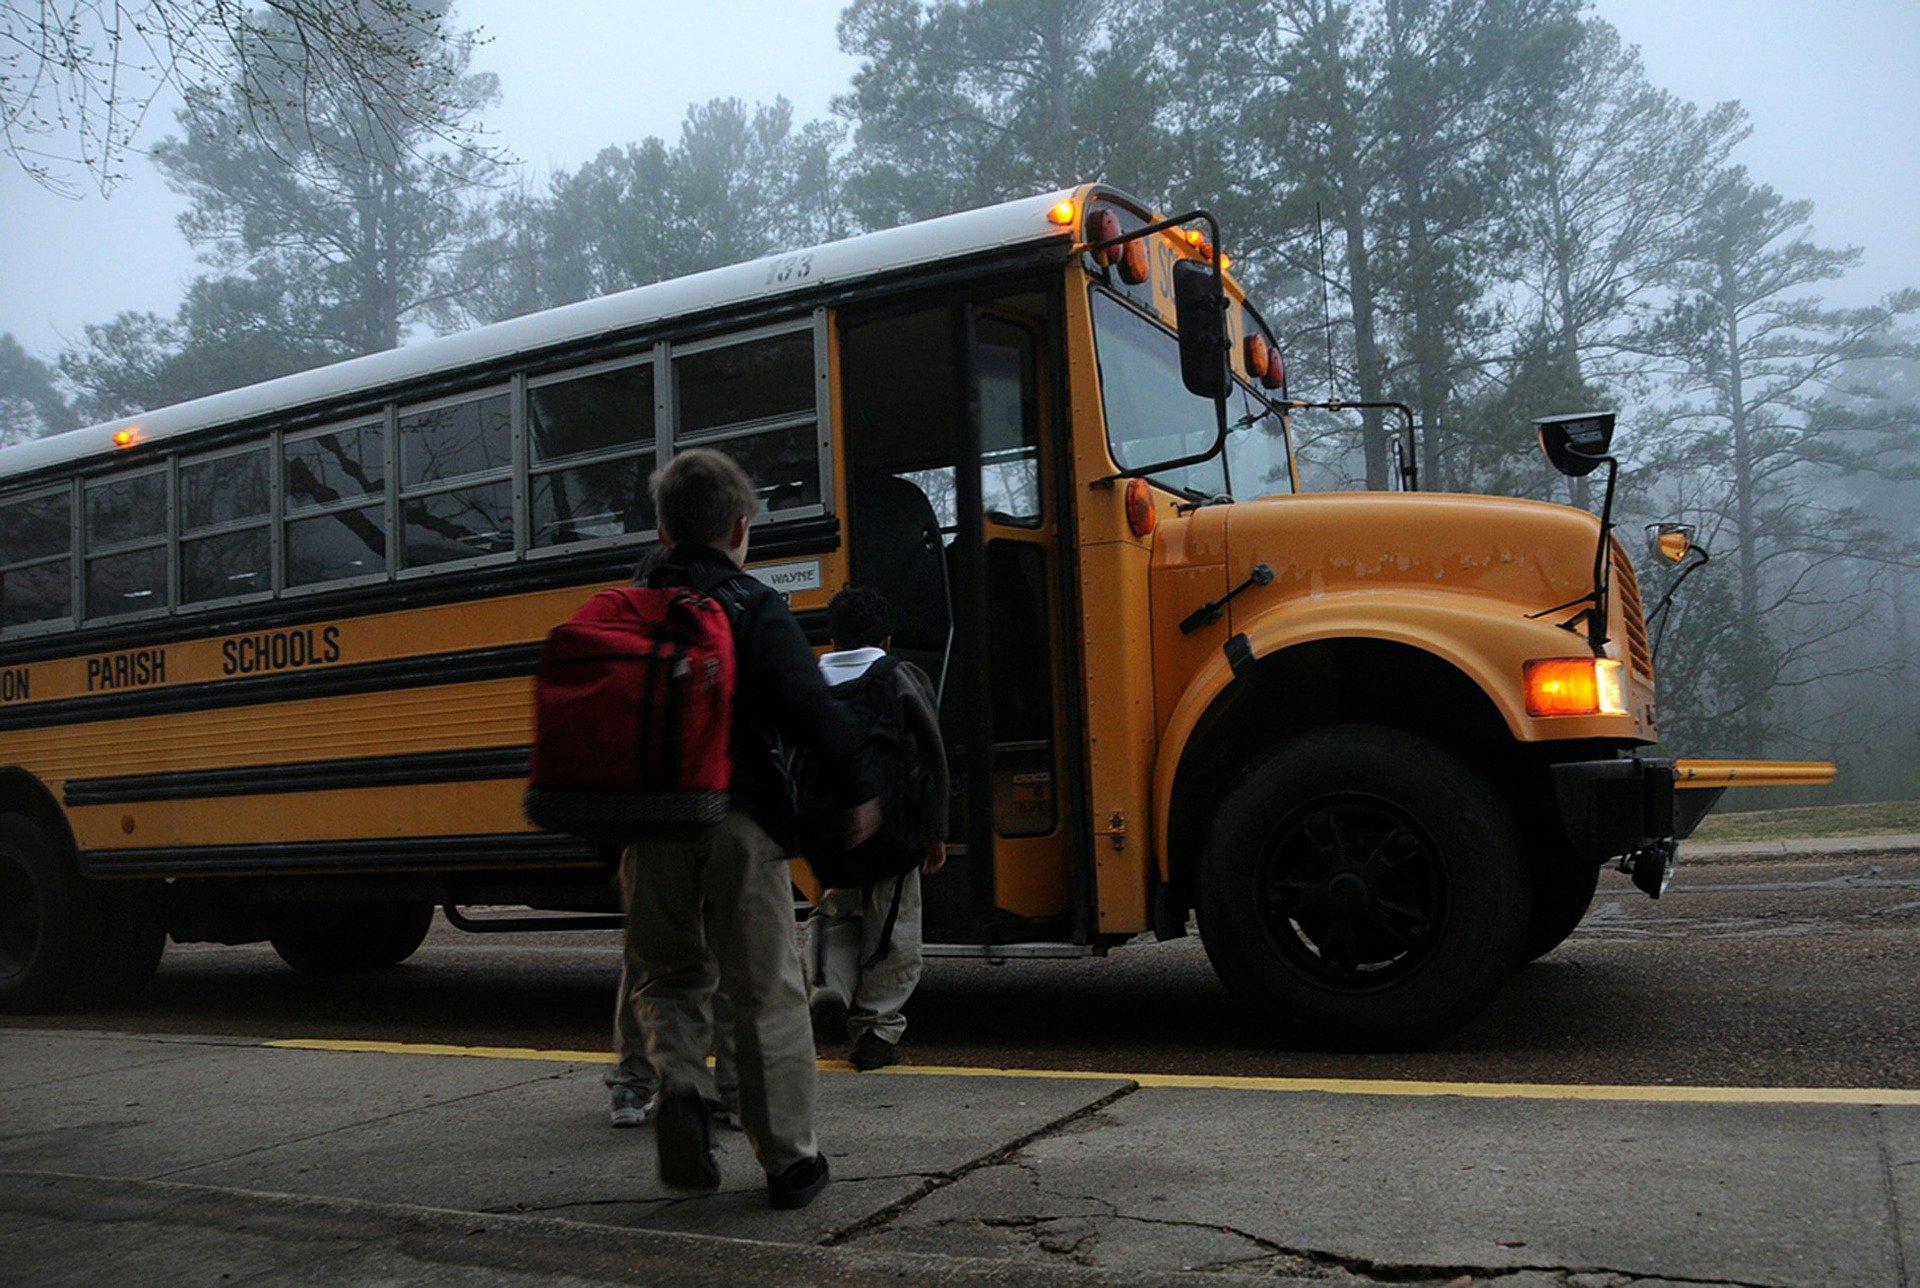 lo studio legale acp parla delle responsabilità scolastiche in caso di infortunio al di fuori dalla scuola